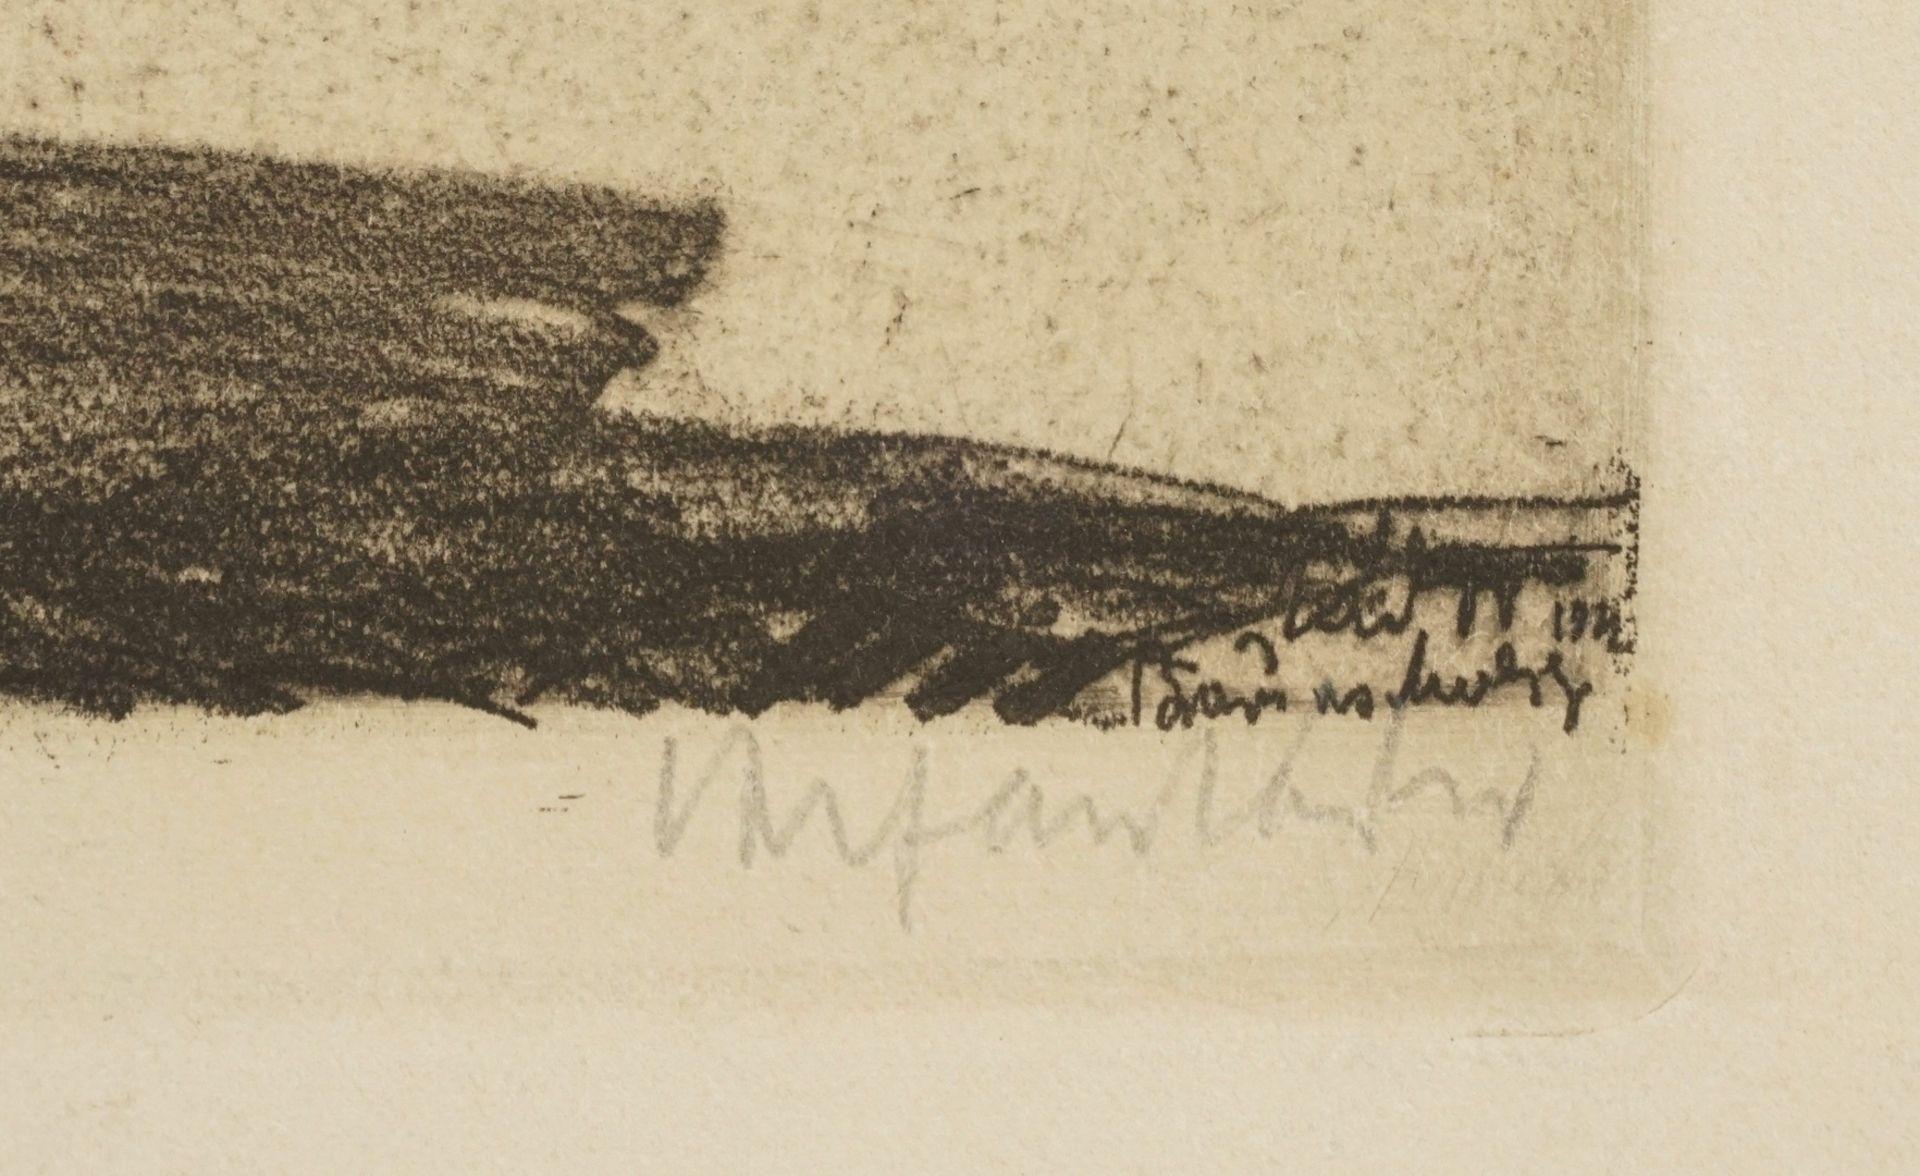 Unbekannter Radierkünstler, Sankt Andreas in Braunschweig - Bild 4 aus 4